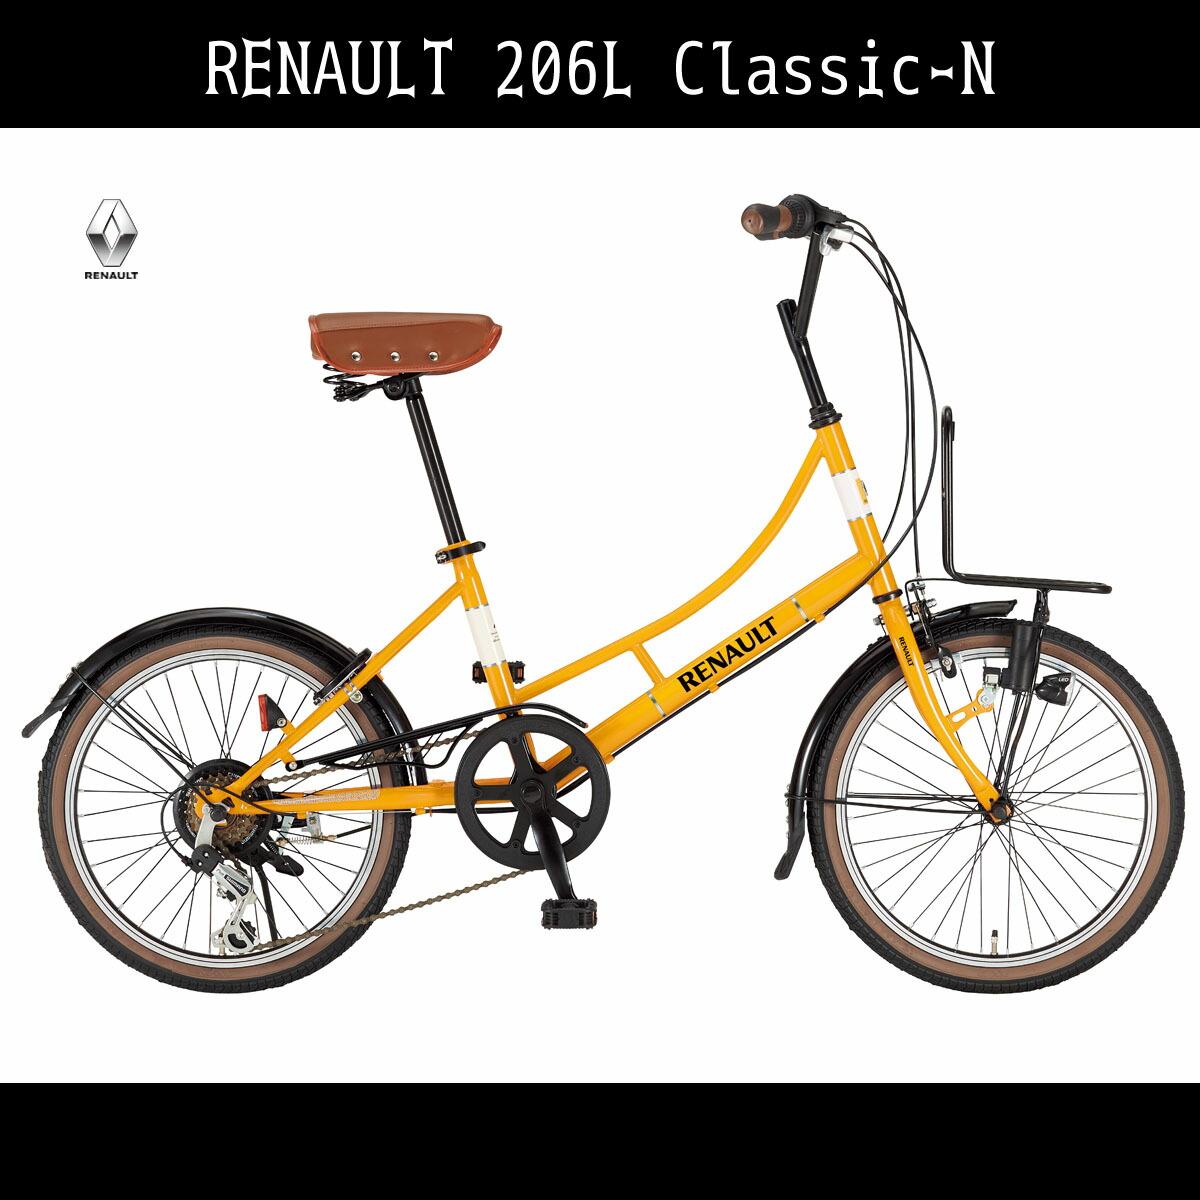 自転車 ルノー RENAULT 自転車 ミニベロ 小径車 オレンジ/イエロー20インチ ミニベロ 外装6段変速ギア付き LEDライト ローラーブレーキ 鍵付き ルノー 206L Classic-N